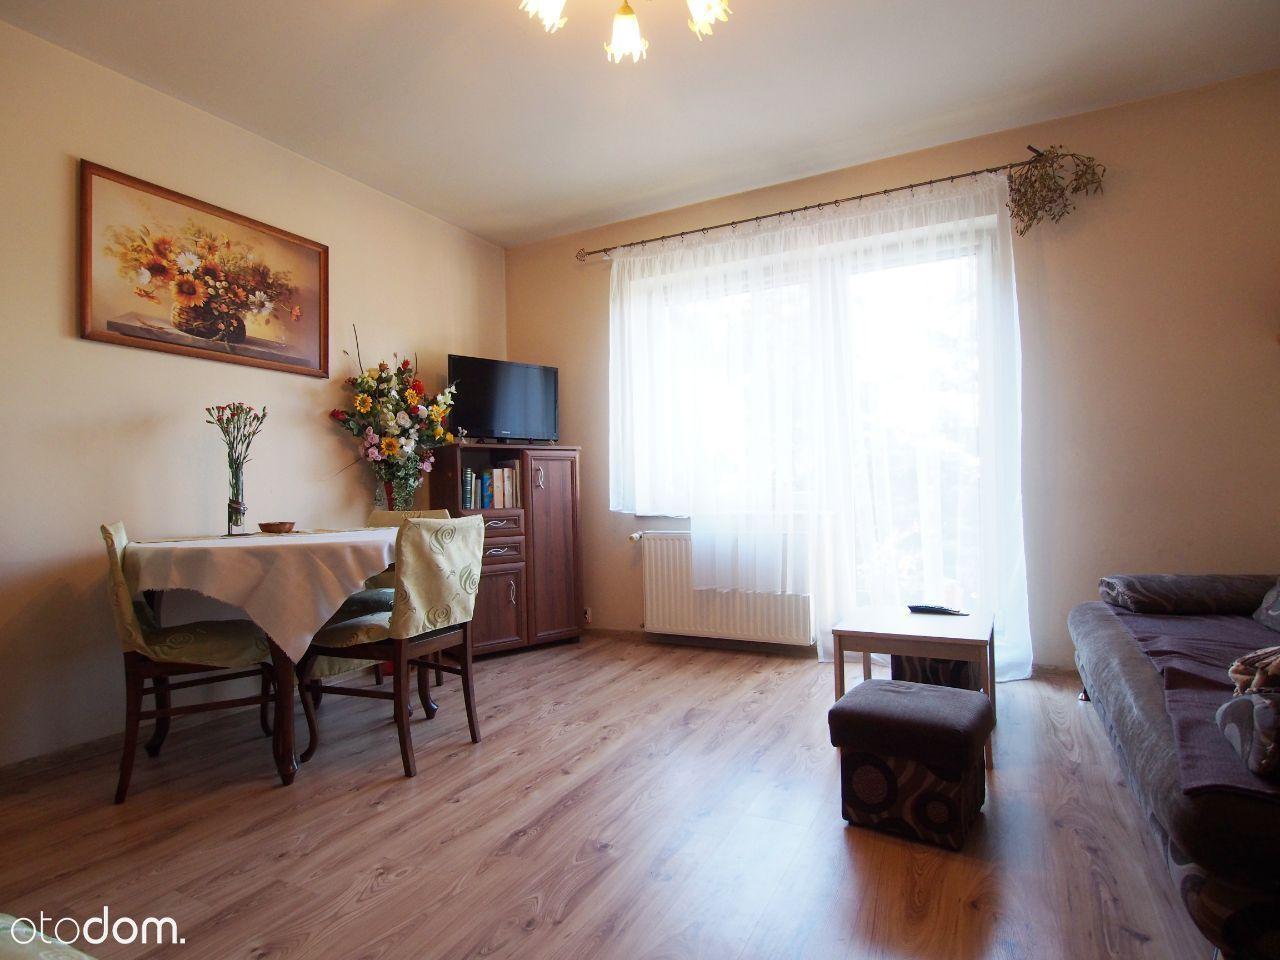 Dom na sprzedaż, Łódź, Marysin - Foto 1